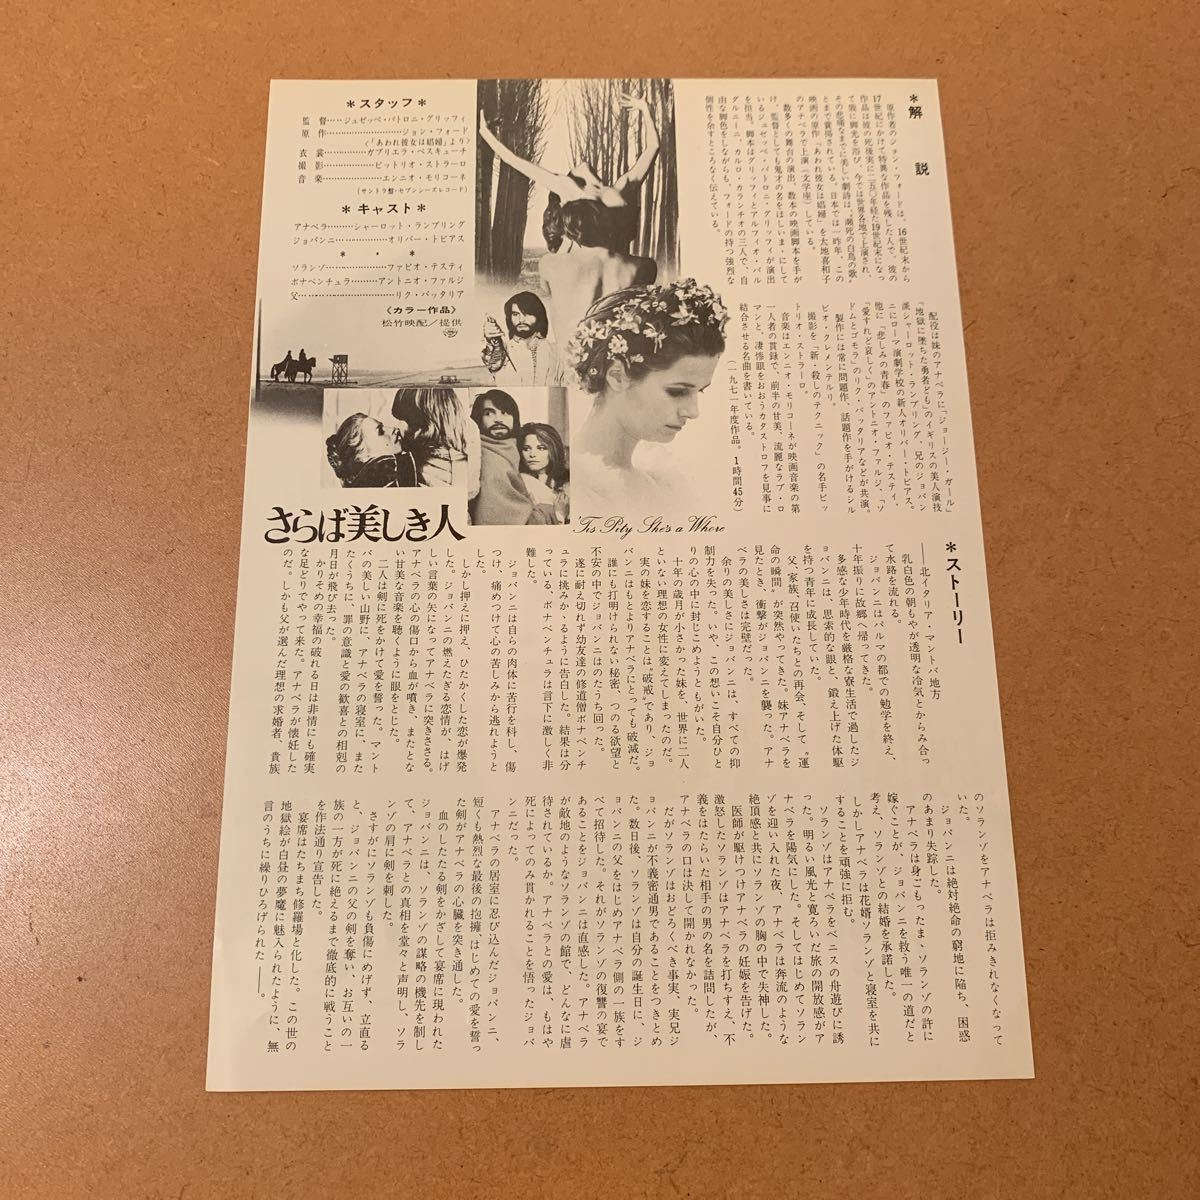 【映画チラシ】『さらば美しき人』1972年公開作品 主演:シャーロット・ランプリング_画像4